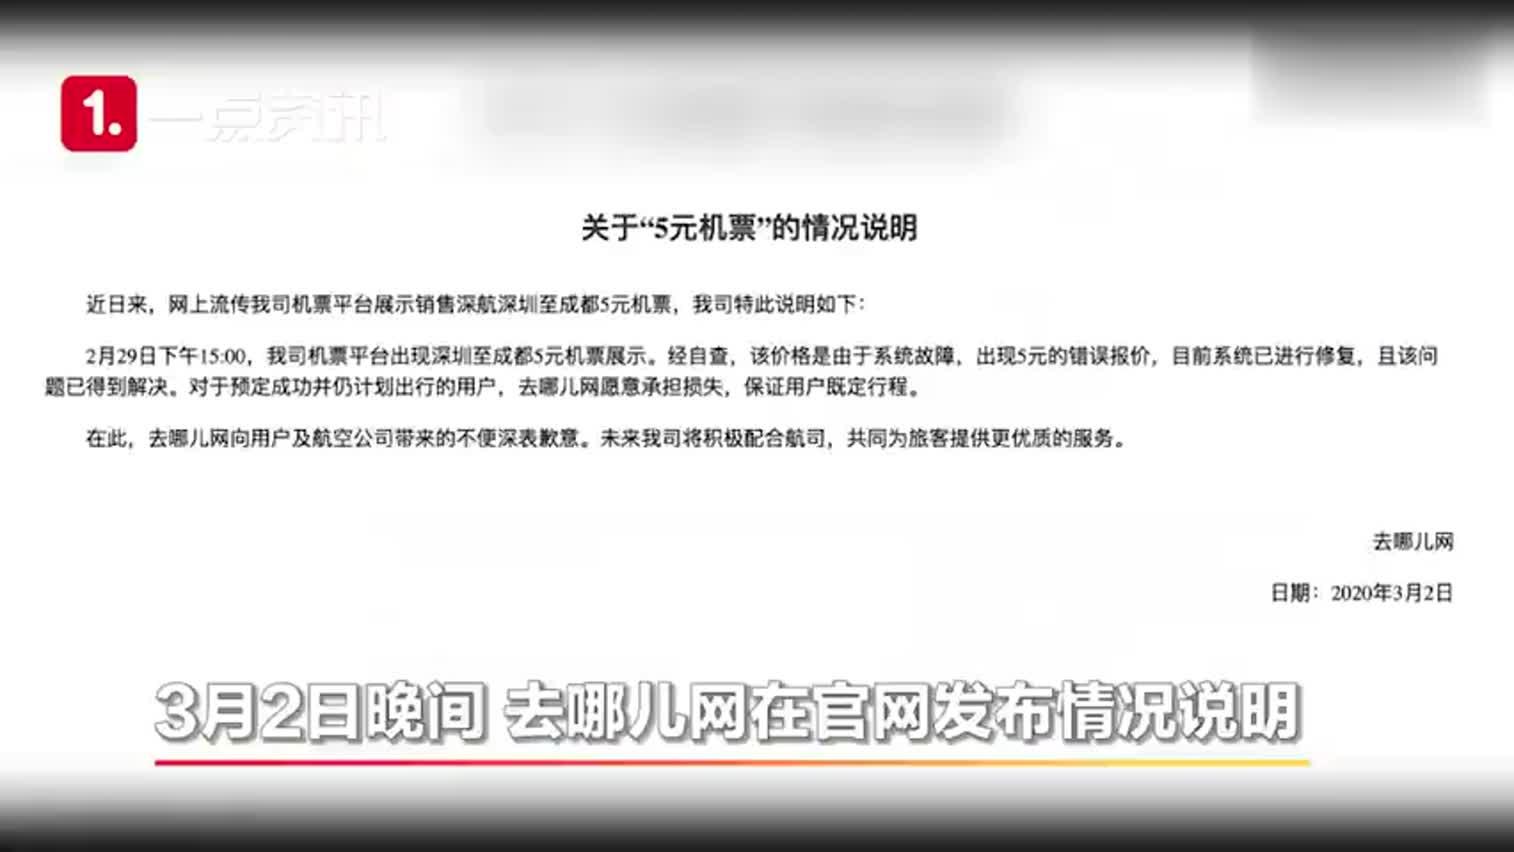 视频-深圳飞成都机票只要5元?去哪儿网:系统故障